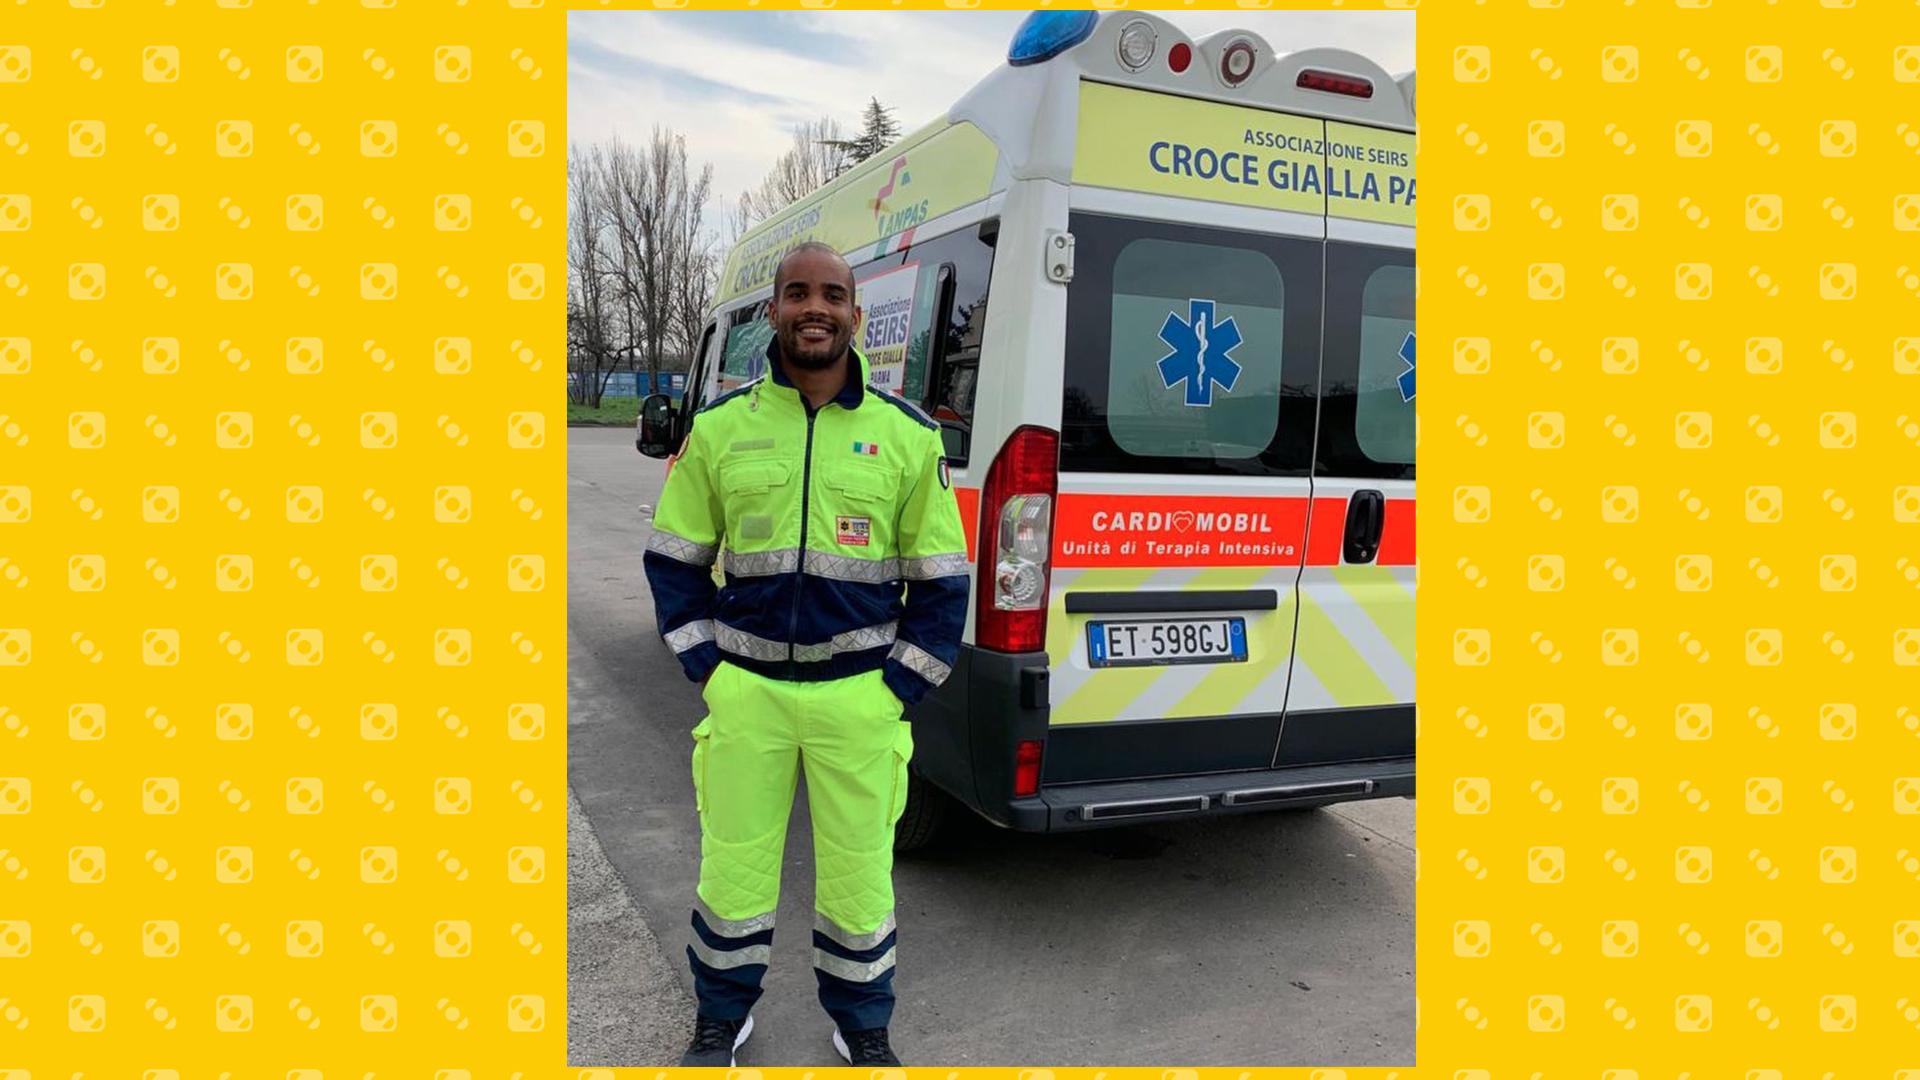 La storia di Maxime Mbandà: dalla nazionale di rugby al volontariato sulle ambulanze